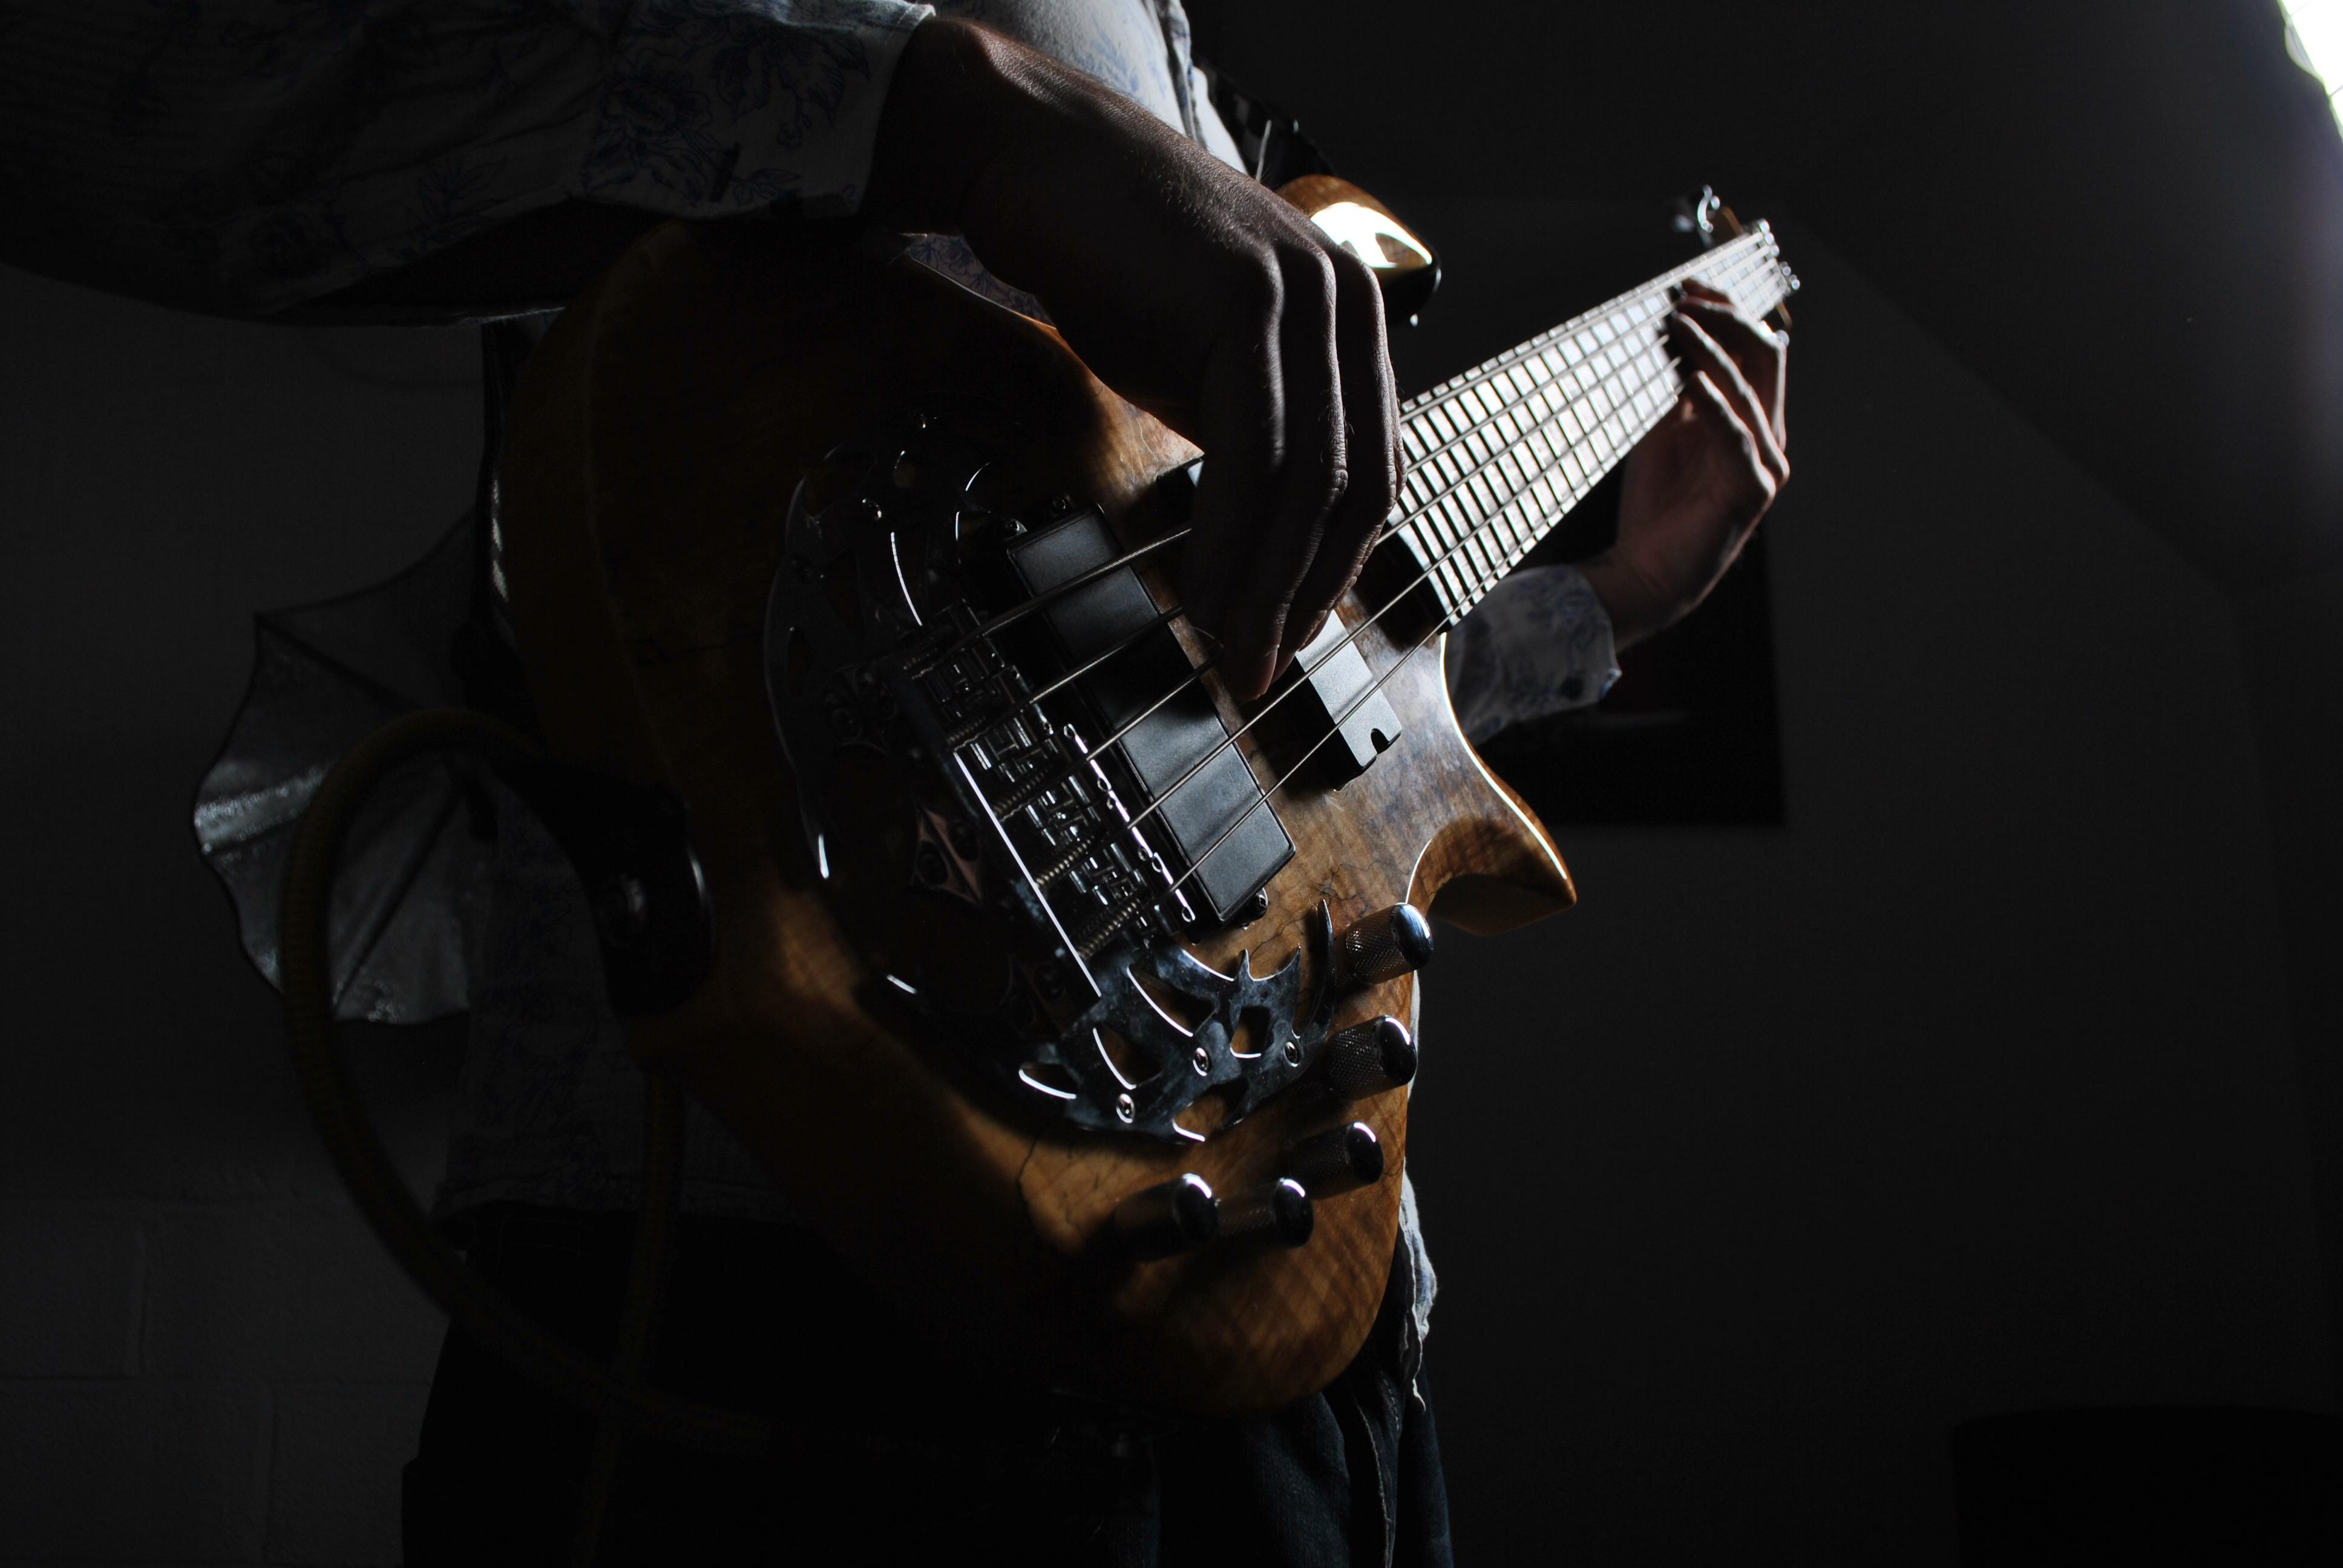 141447 Hintergrundbild herunterladen Musik, Dunkel, Gitarre, Musikinstrument, Gitarrenspieler, Gitarrist, Saiten, Zeichenfolgen, Bassgitarre, Bass - Bildschirmschoner und Bilder kostenlos